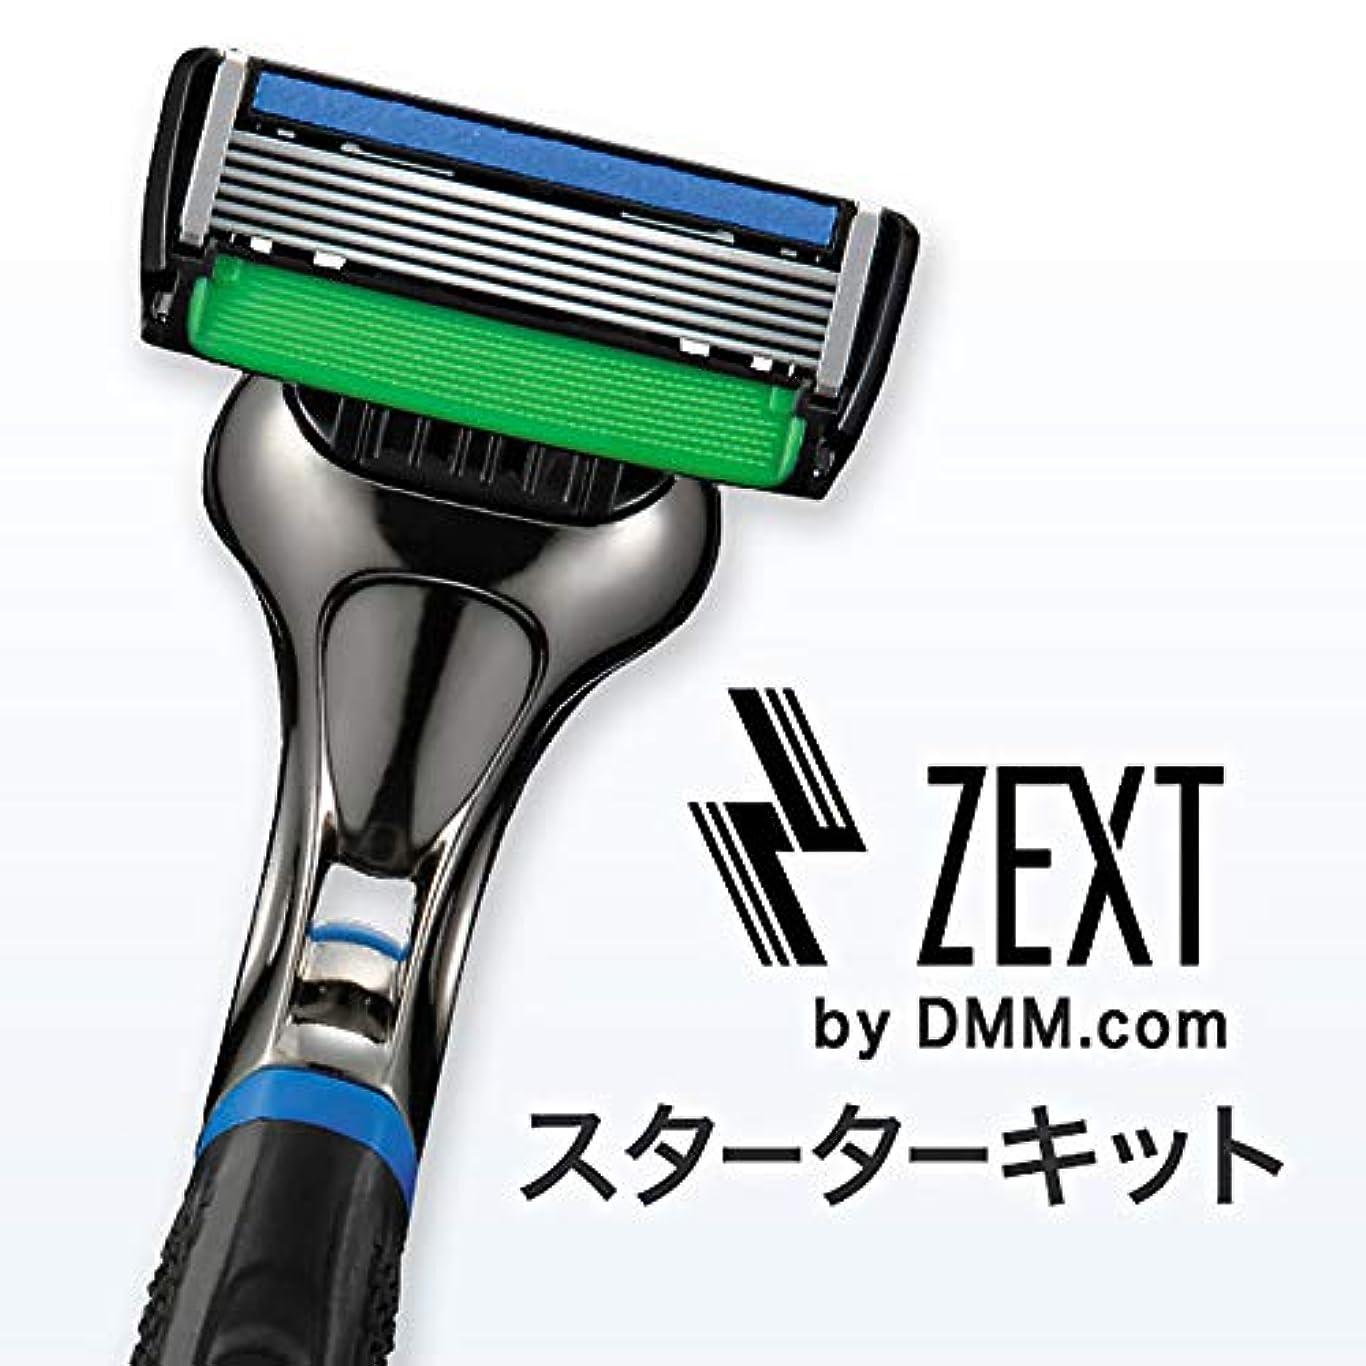 入学する柔らかい風刺ZEXT 6枚刃カミソリ 本体替刃1個付